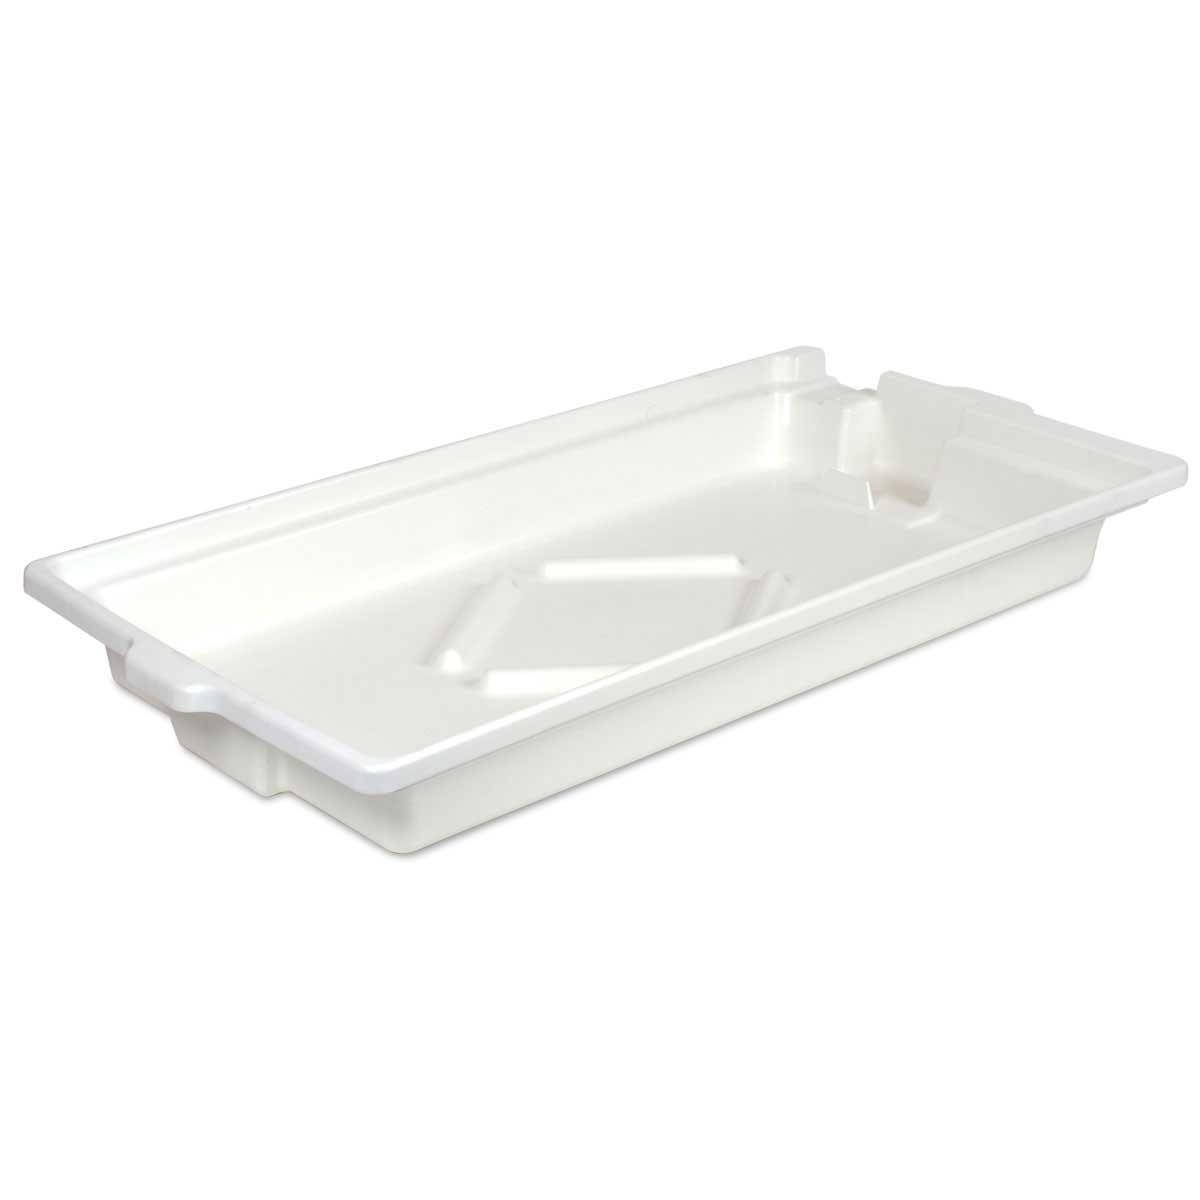 155791 mk water pan for mk 270 370 470 tile saws